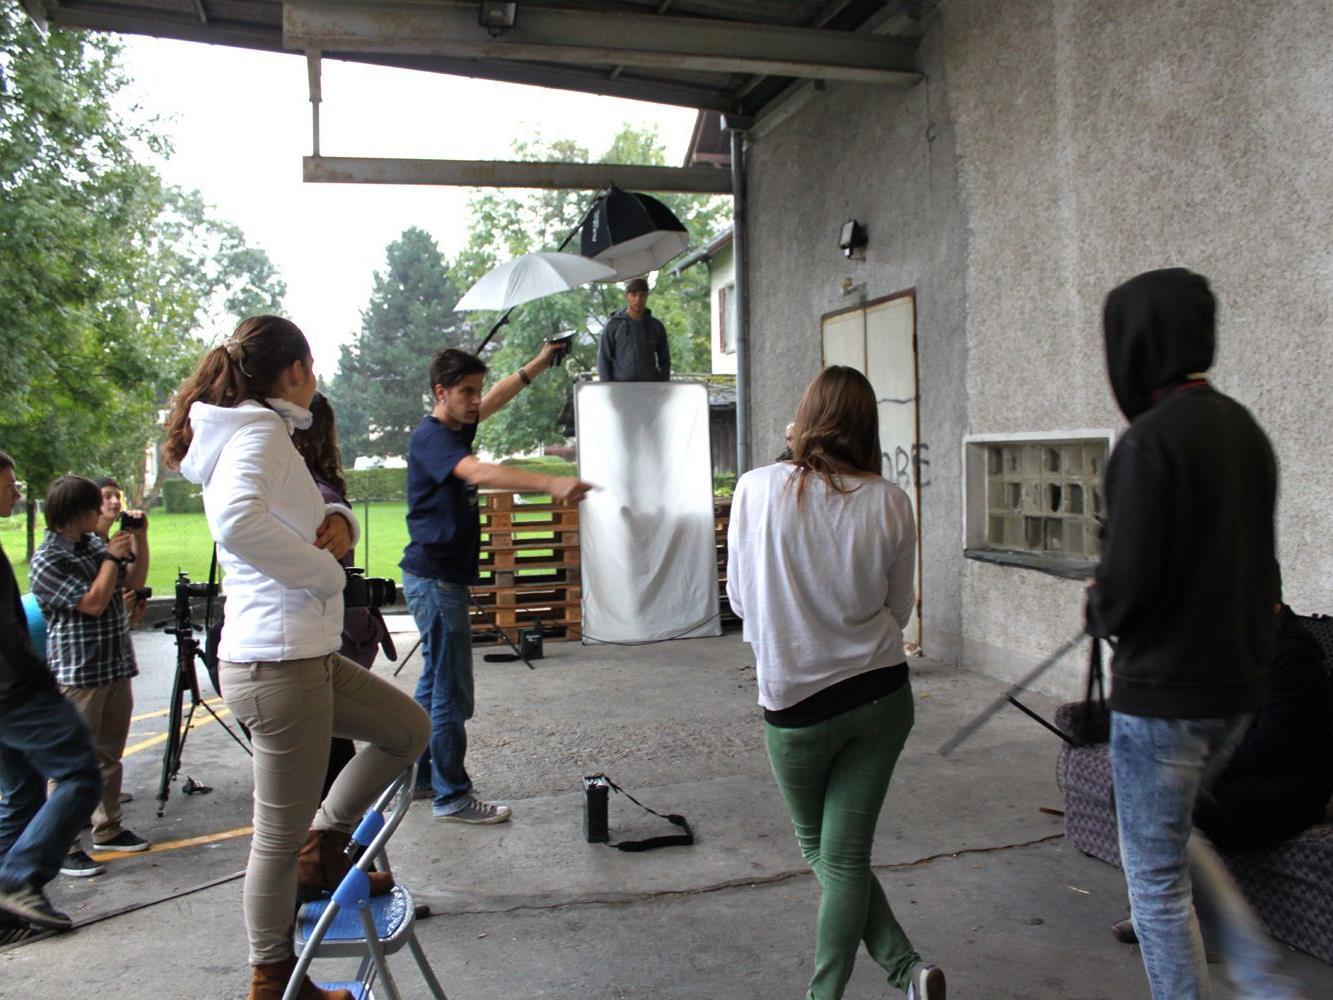 Jugendliche setzten ihre Themen beim aha-Fotoworkshop kreativ um.